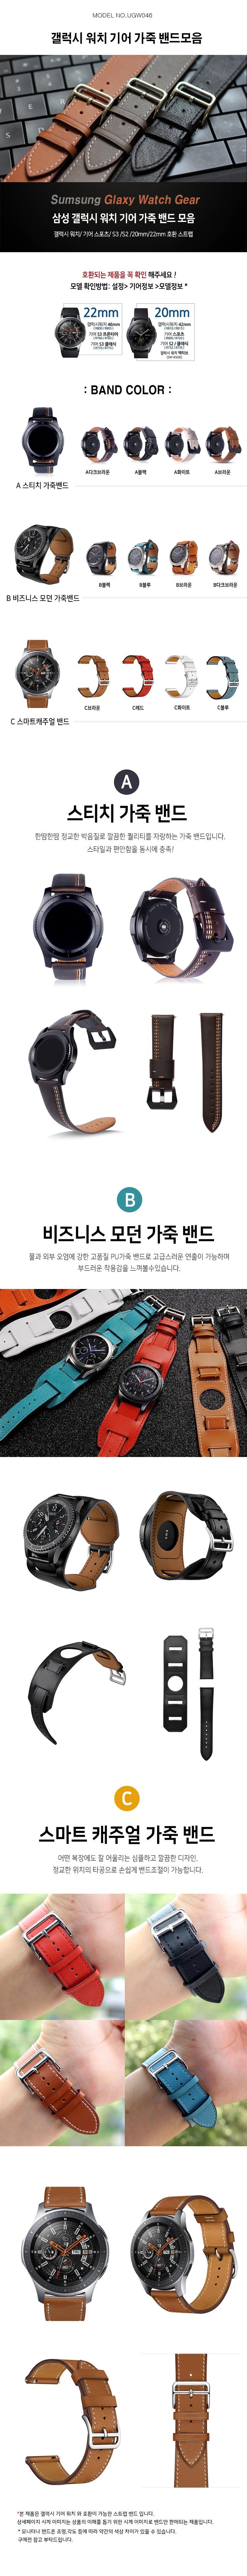 갤럭시워치기어 s3 s2 가죽밴드 시계줄 스트랩 42 46mm - 유니커블, 24,700원, 스마트워치/밴드, 스마트워치 밴드